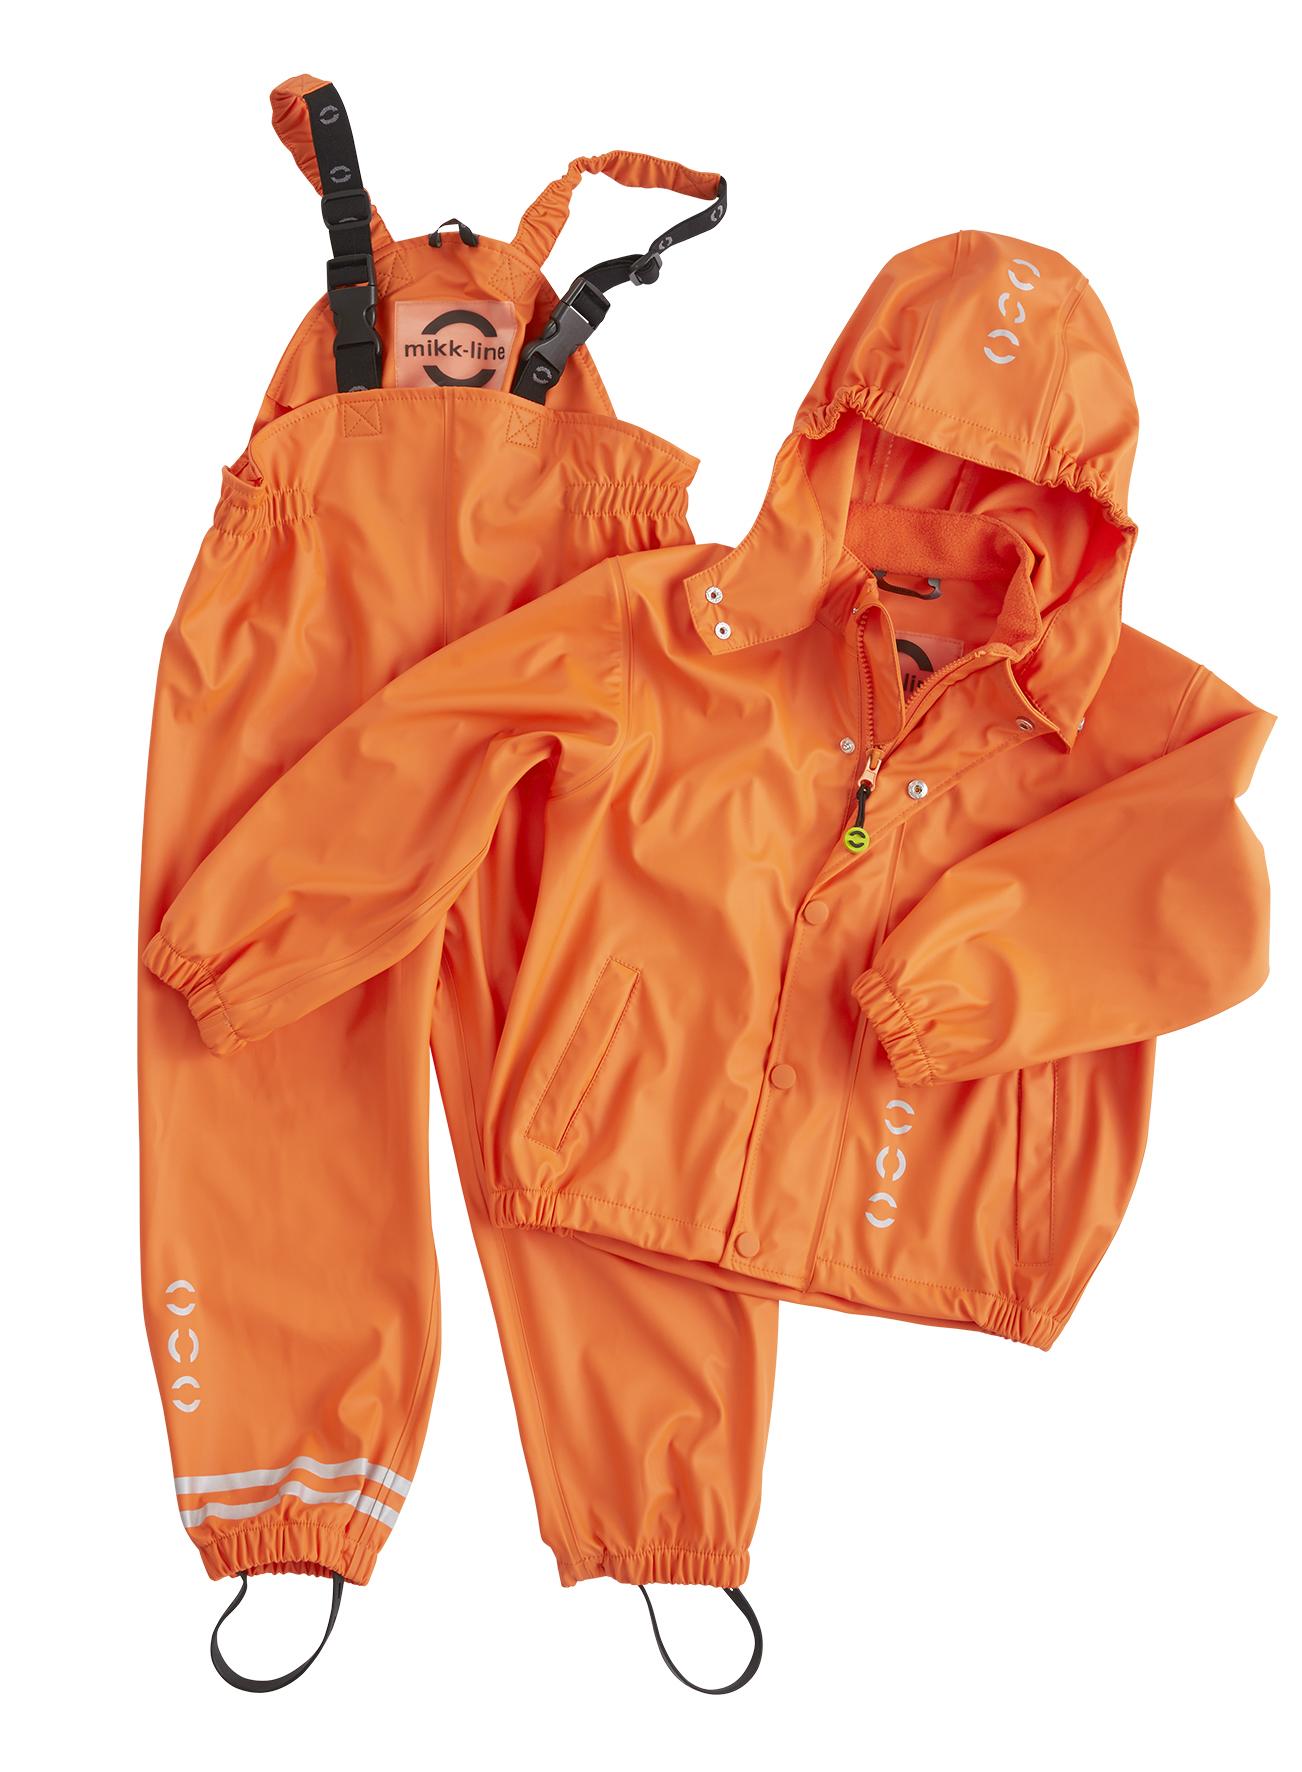 mikk-line oranssi sadetakki ja kurahaalarit setti